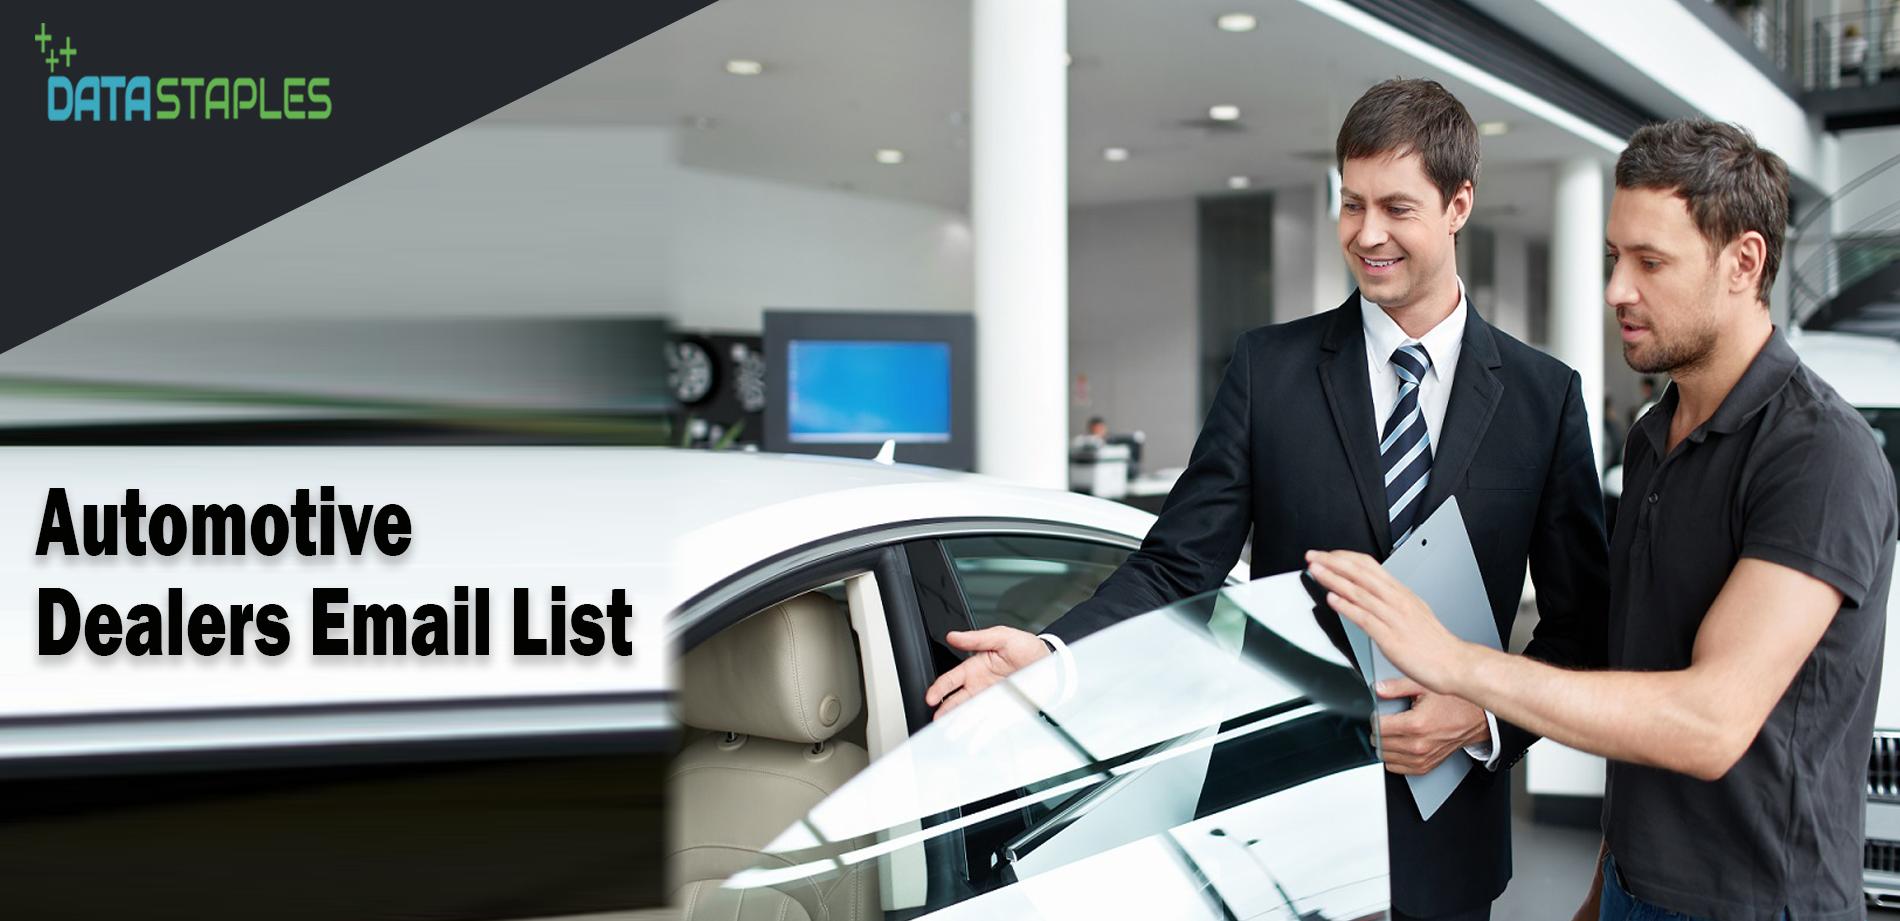 Automotive Dealers Email List | DataStaples